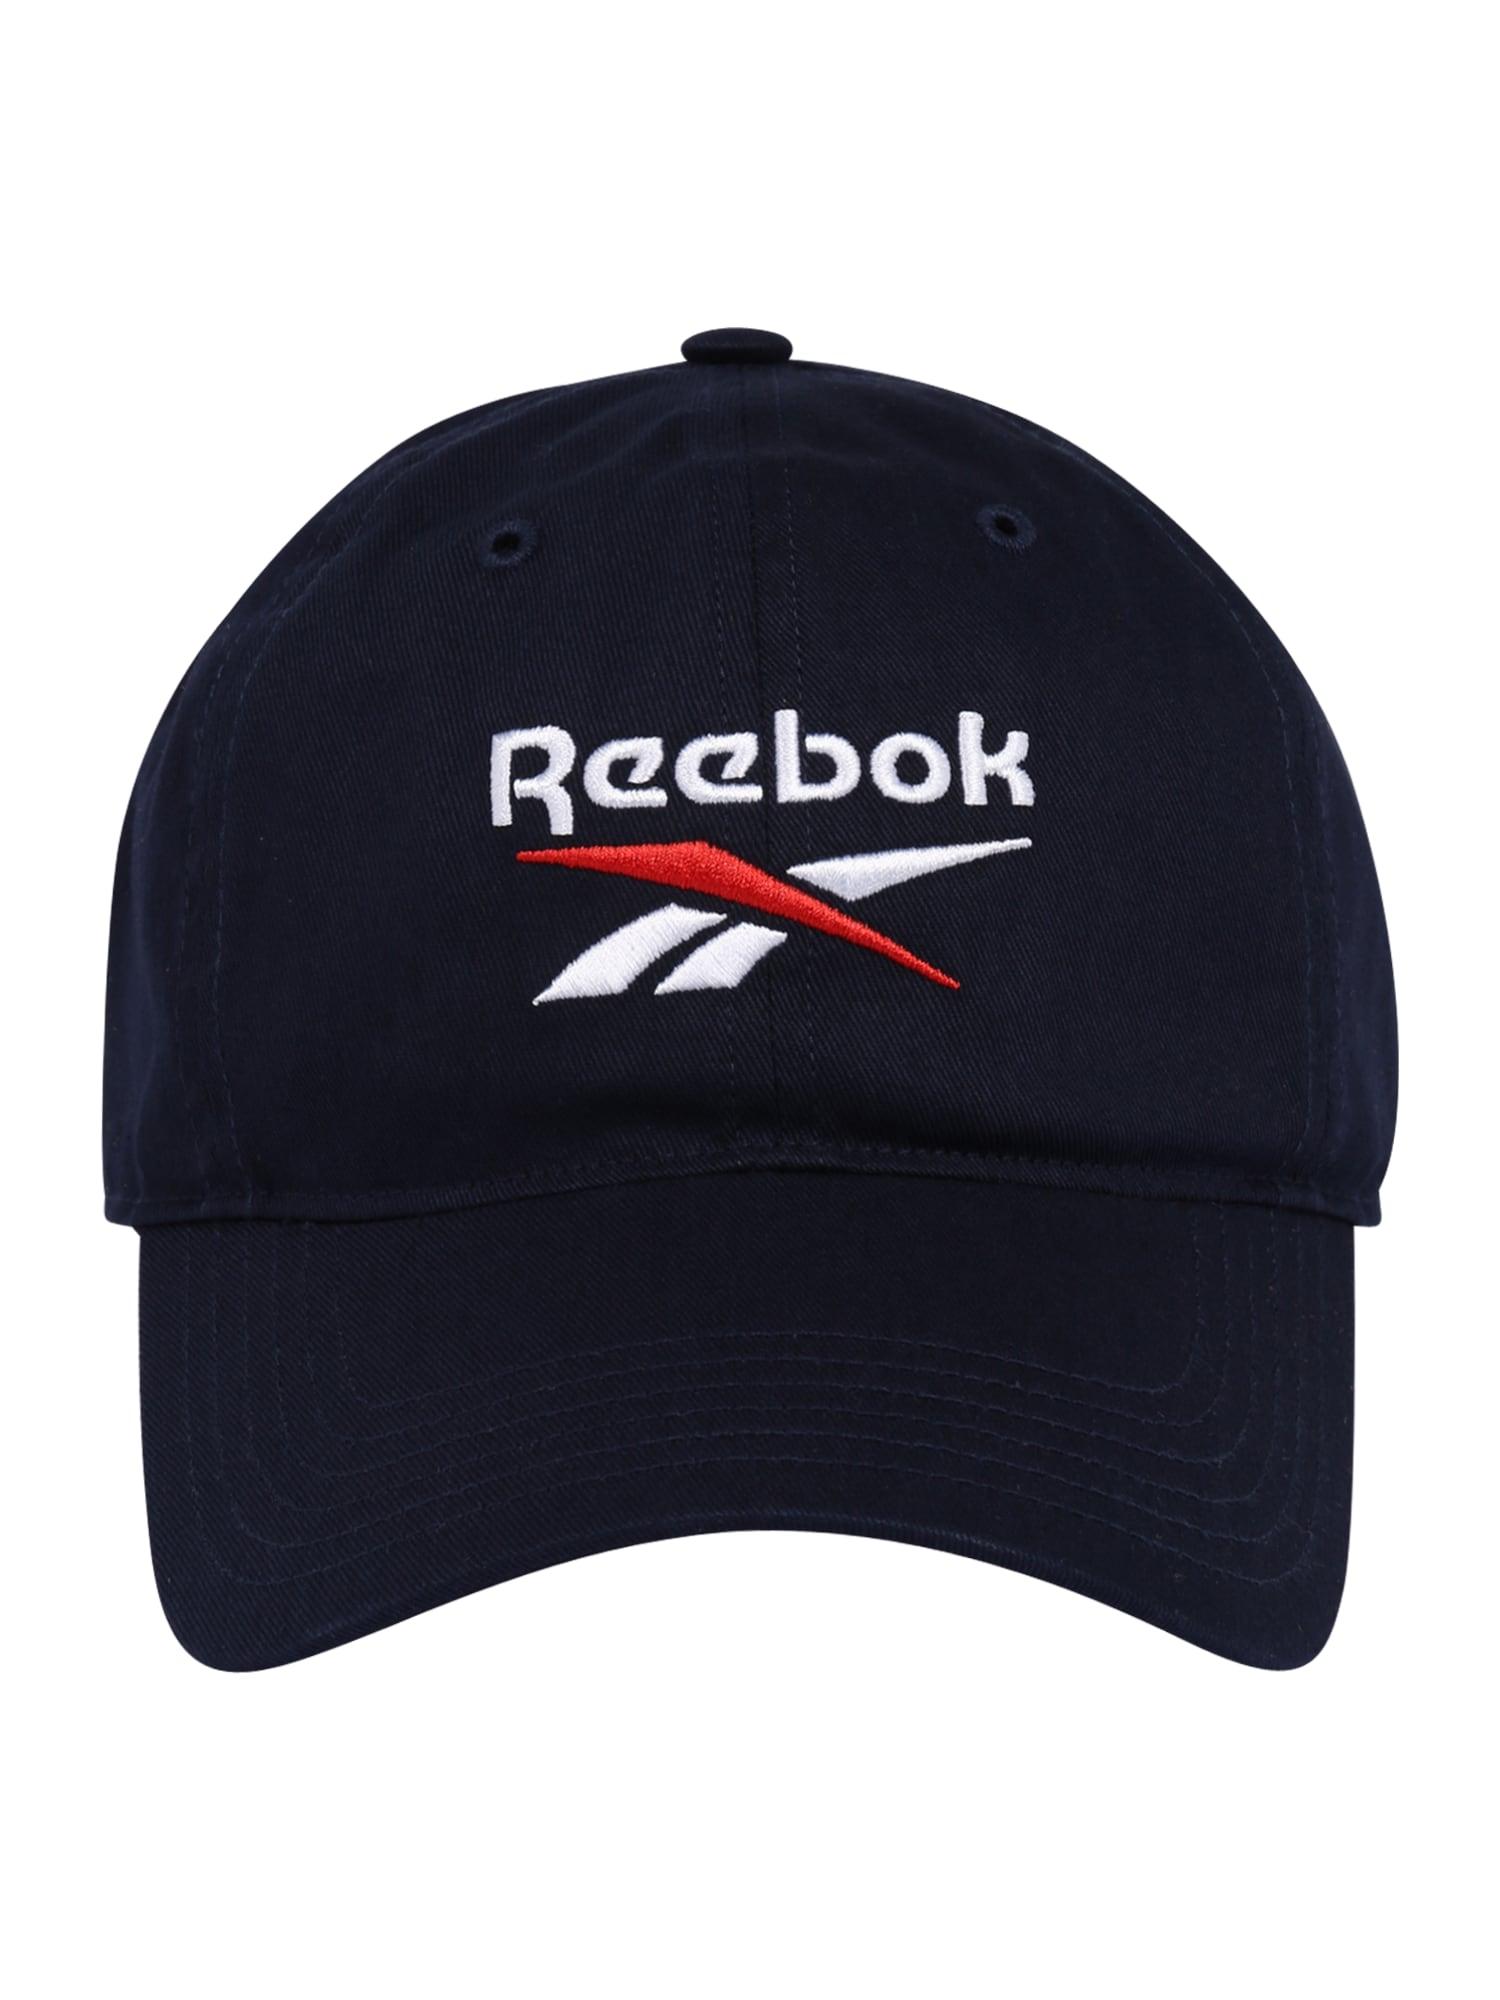 REEBOK Sportinė kepurė tamsiai mėlyna / balta / raudona